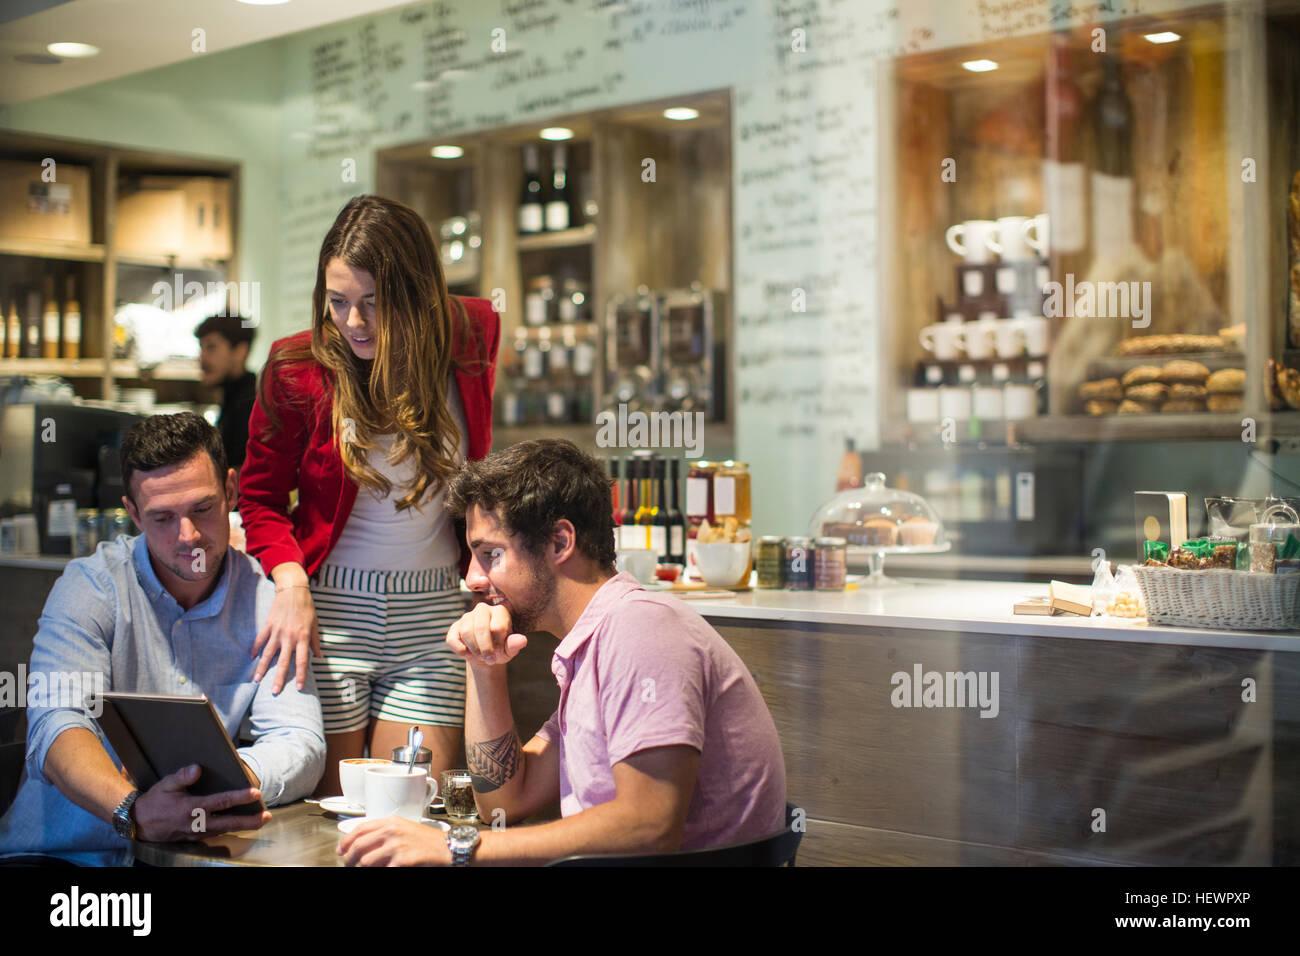 Amigos masculinos y femeninos en el café mirando tableta digital Imagen De Stock